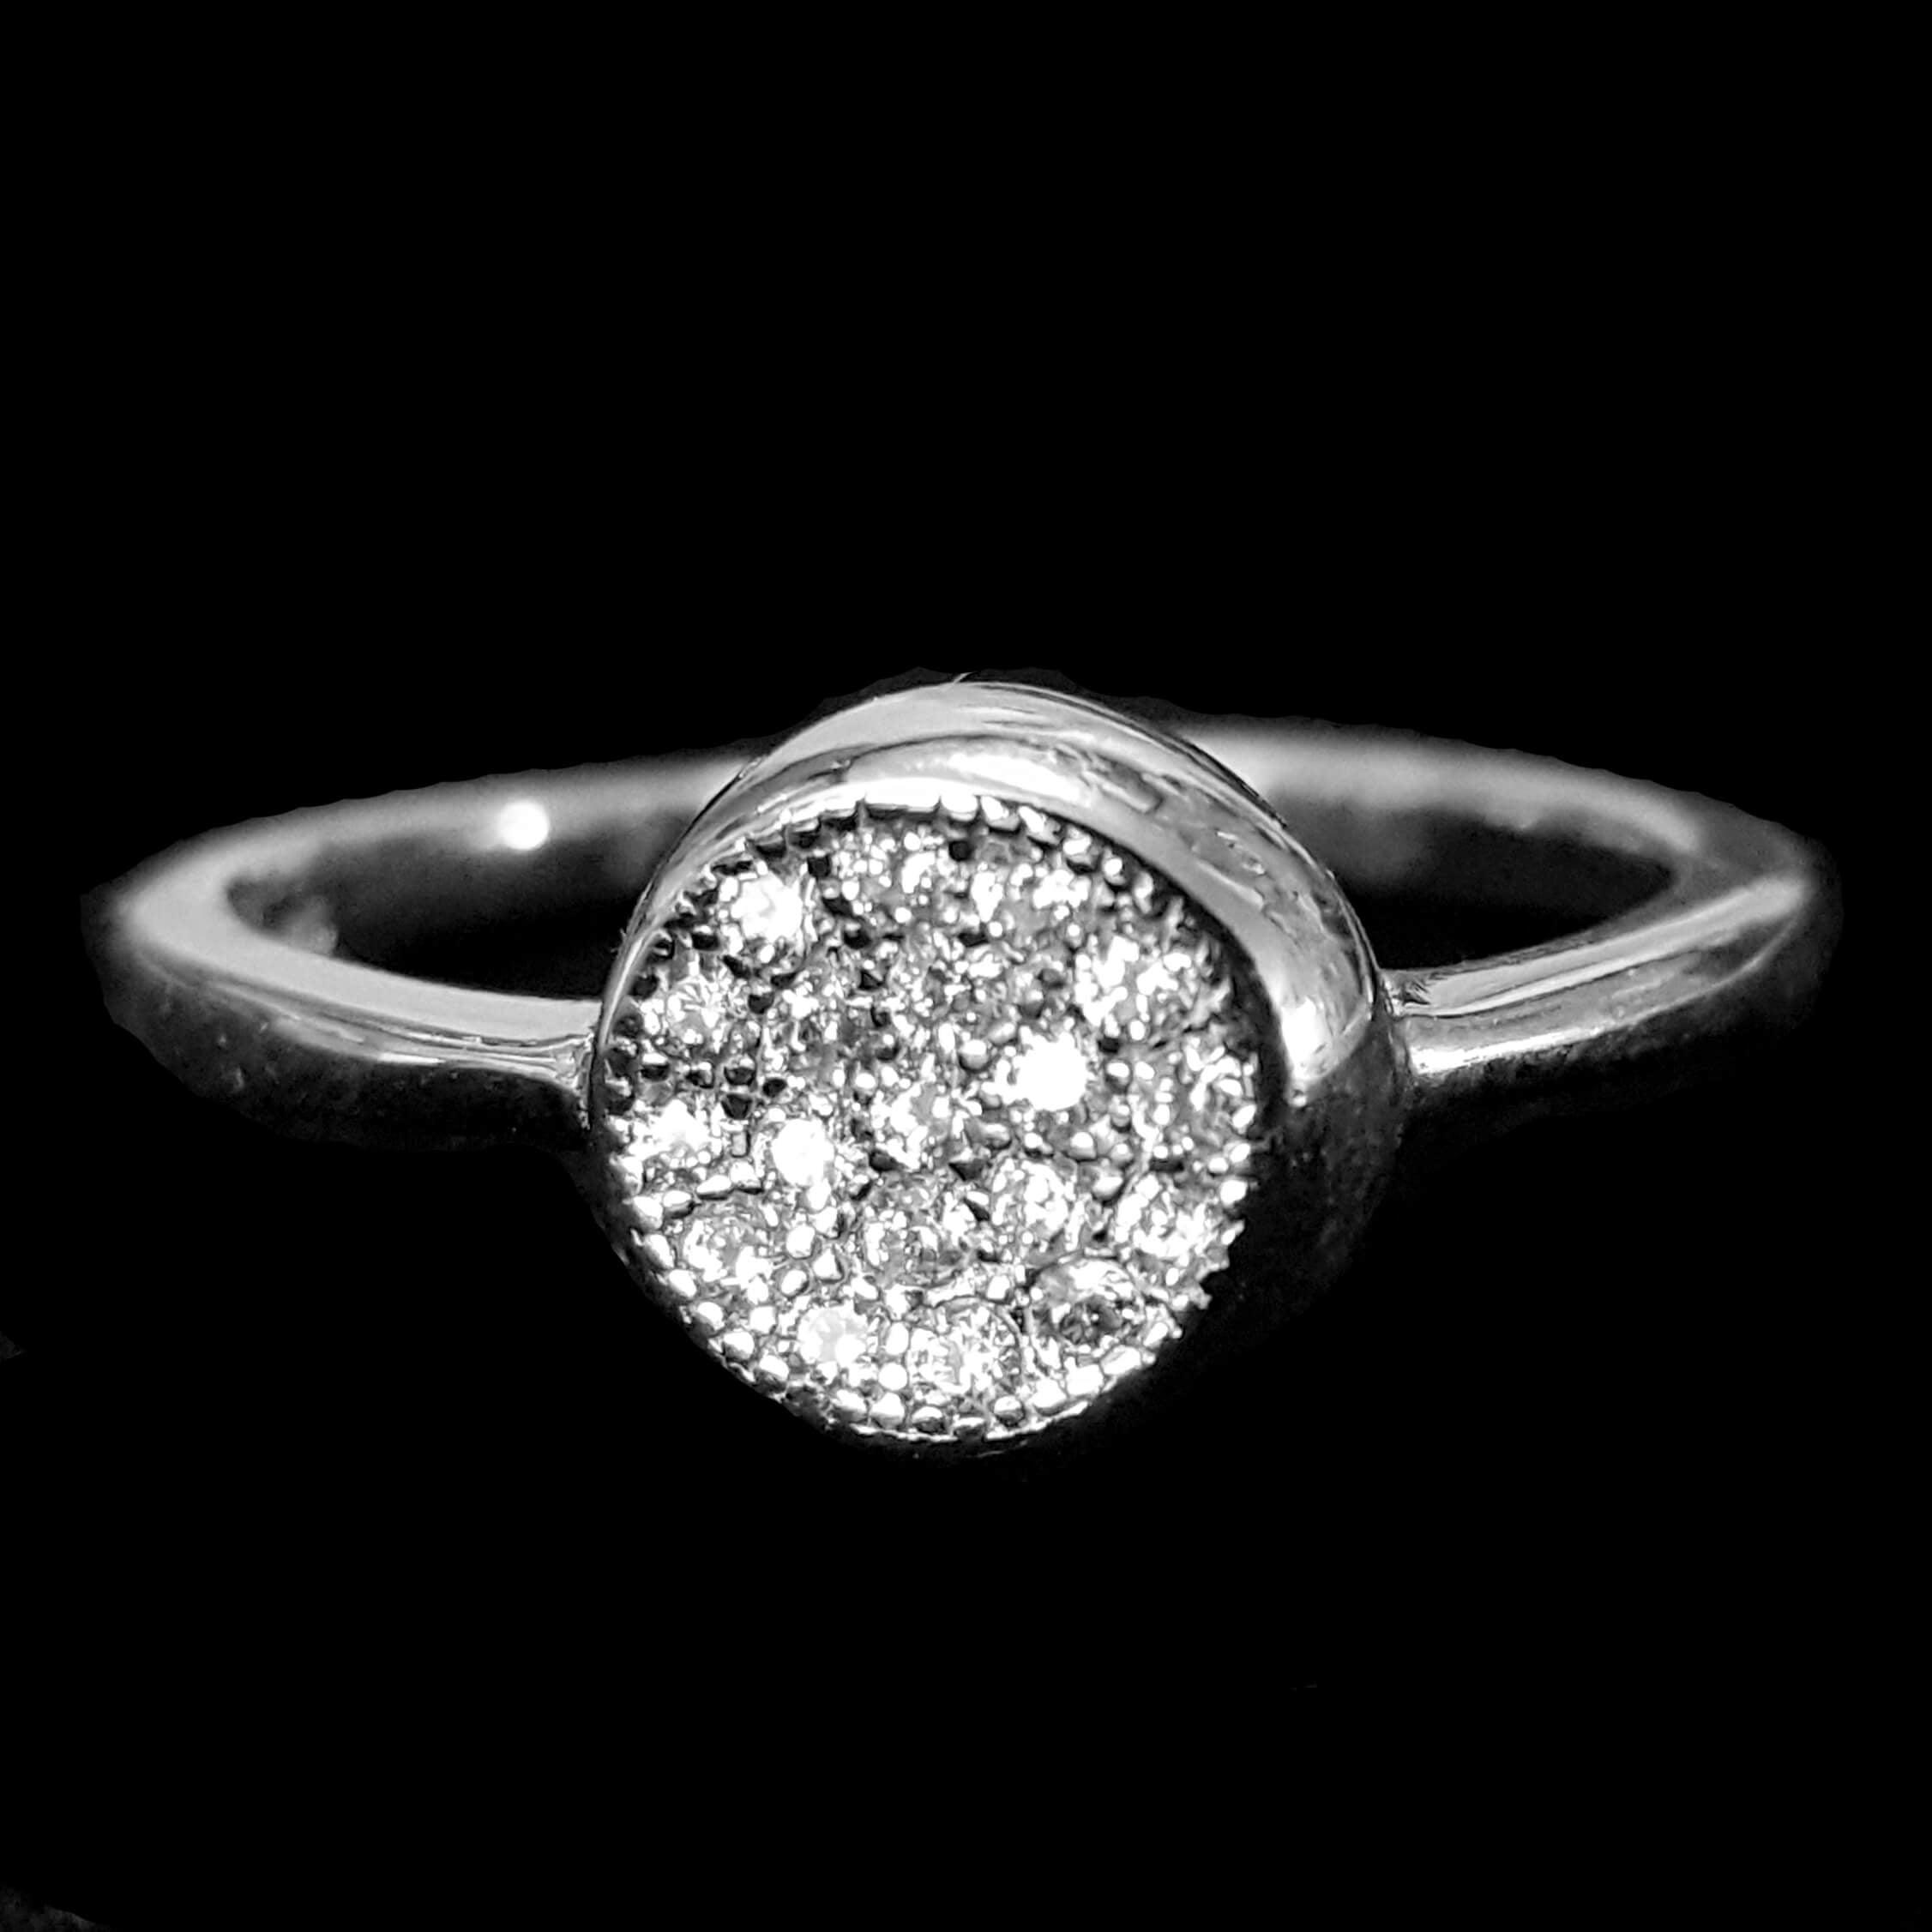 טבעת כסף משובצת זרקונים RG3227 | תכשיטי כסף